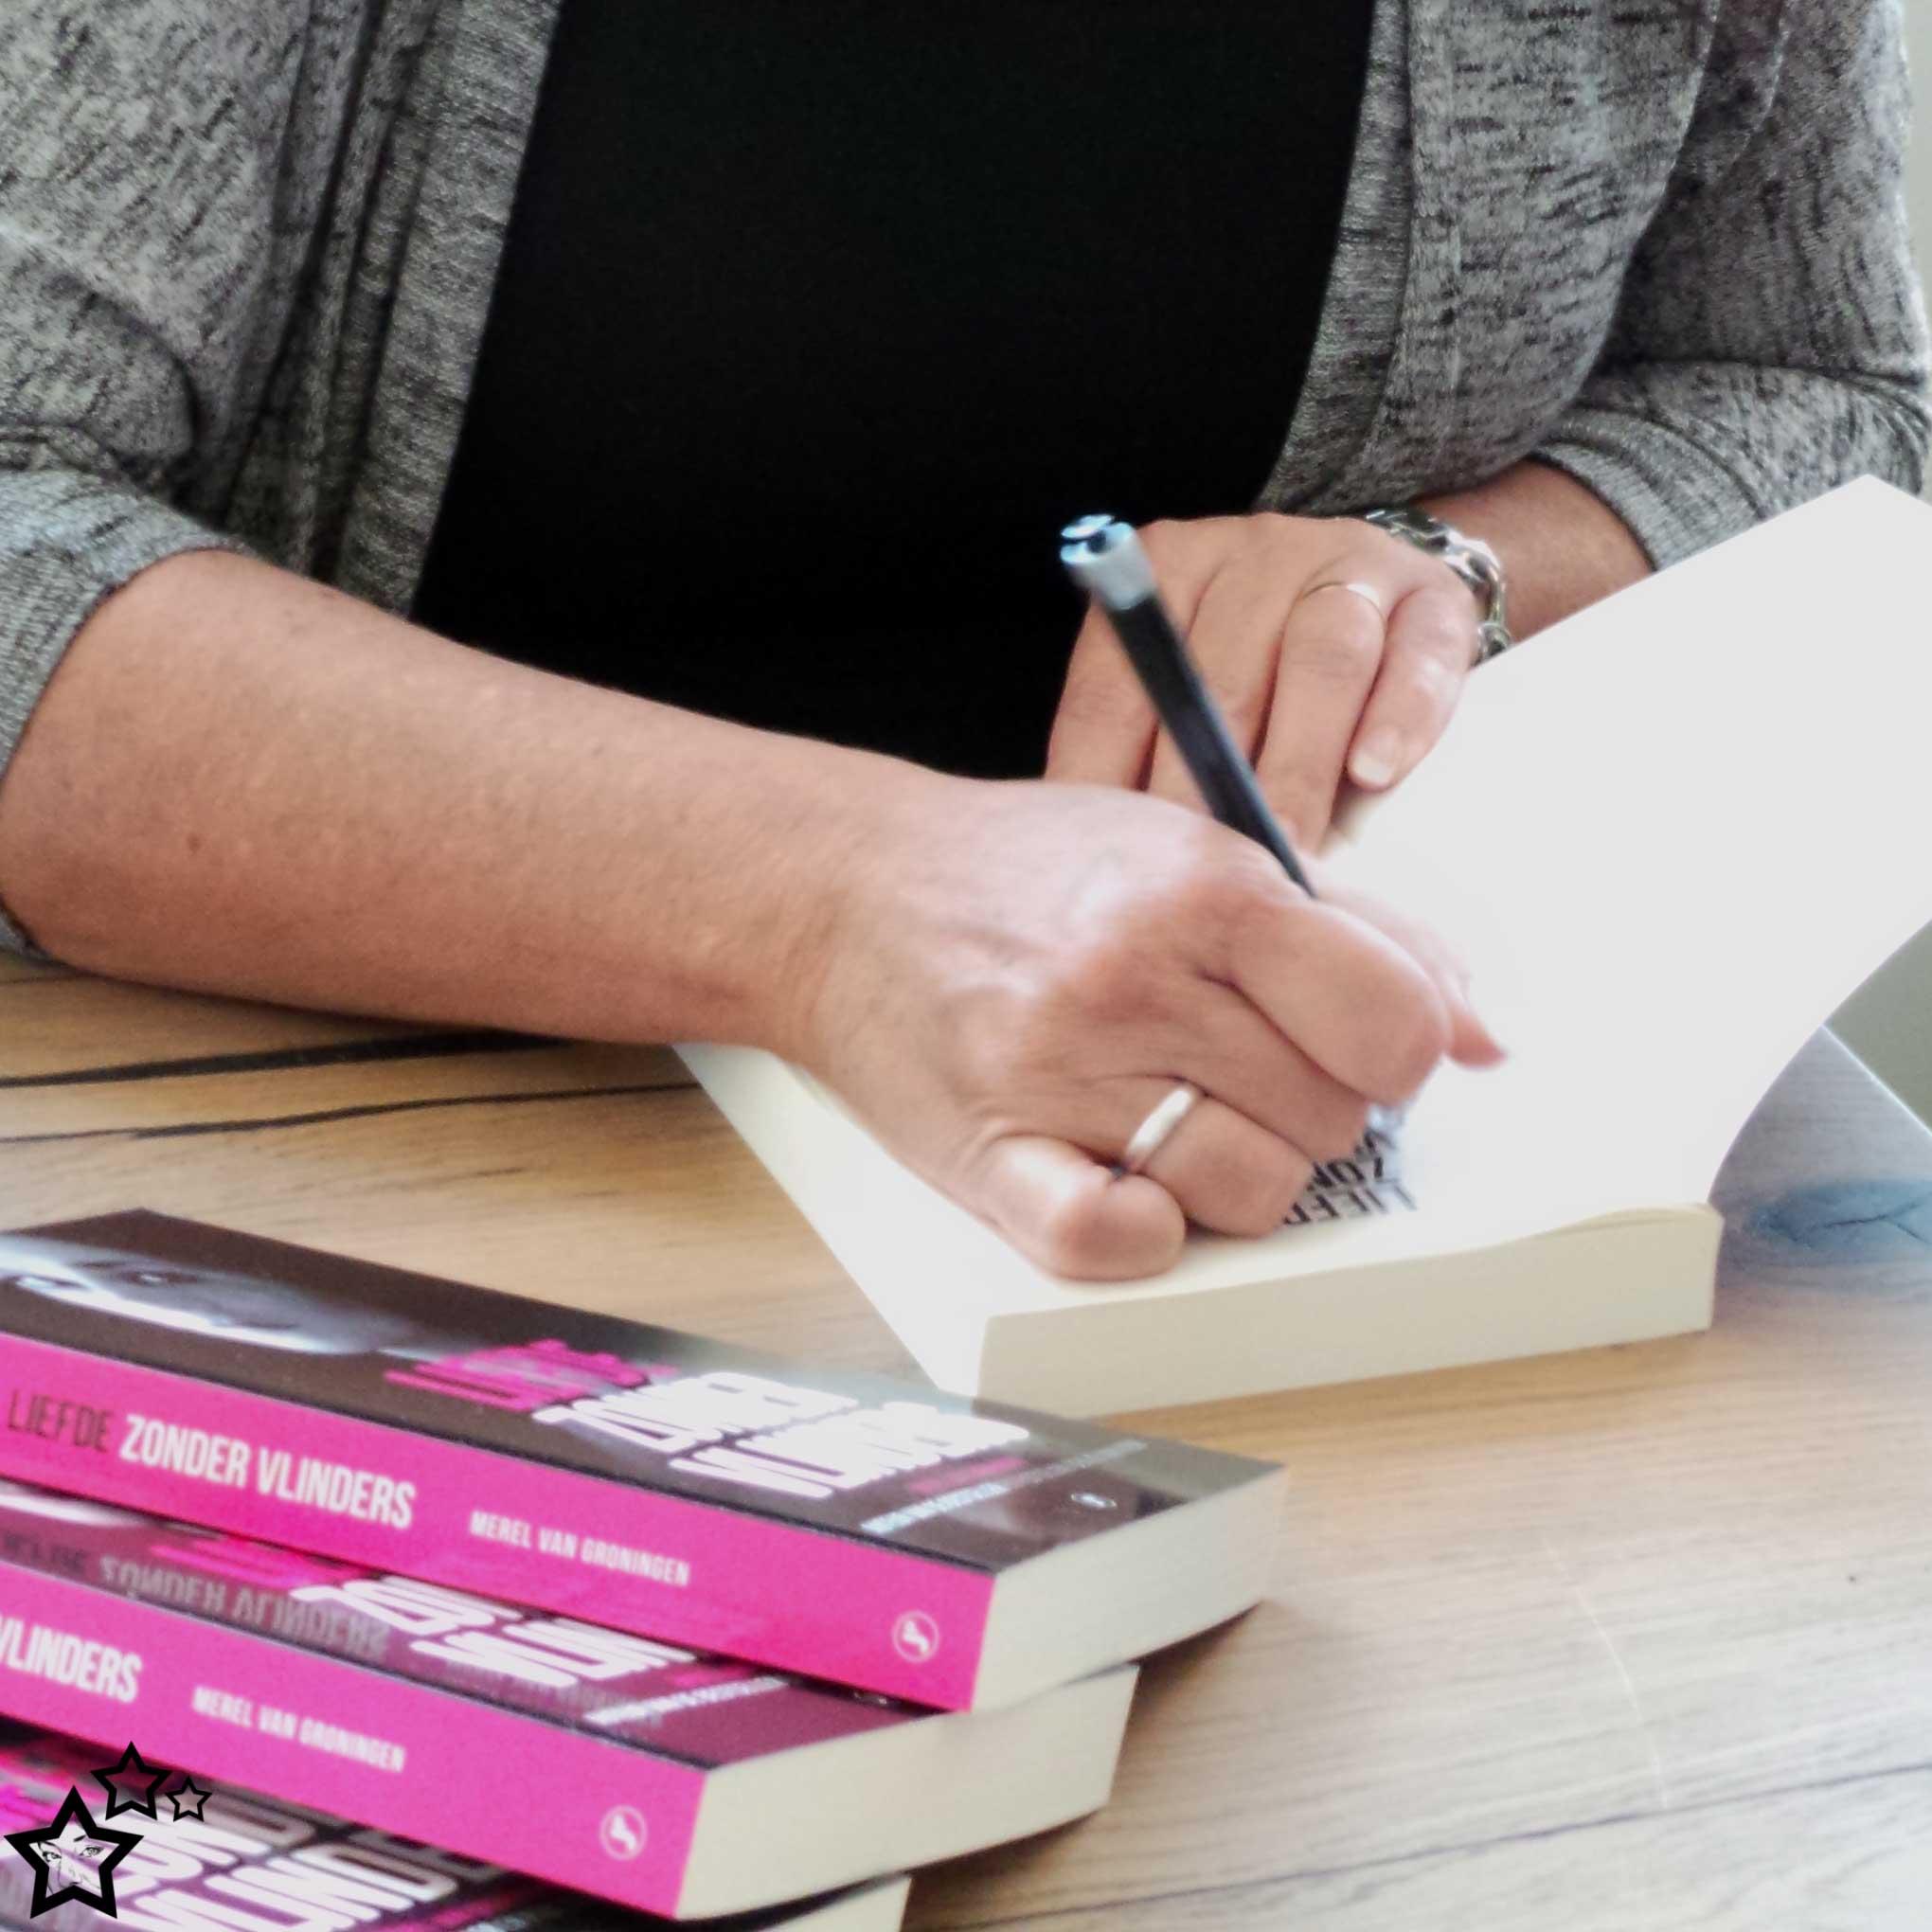 Signeren | Merel van Groningen | boek | Liefde zonder vlinders | Loverboys | Sexting